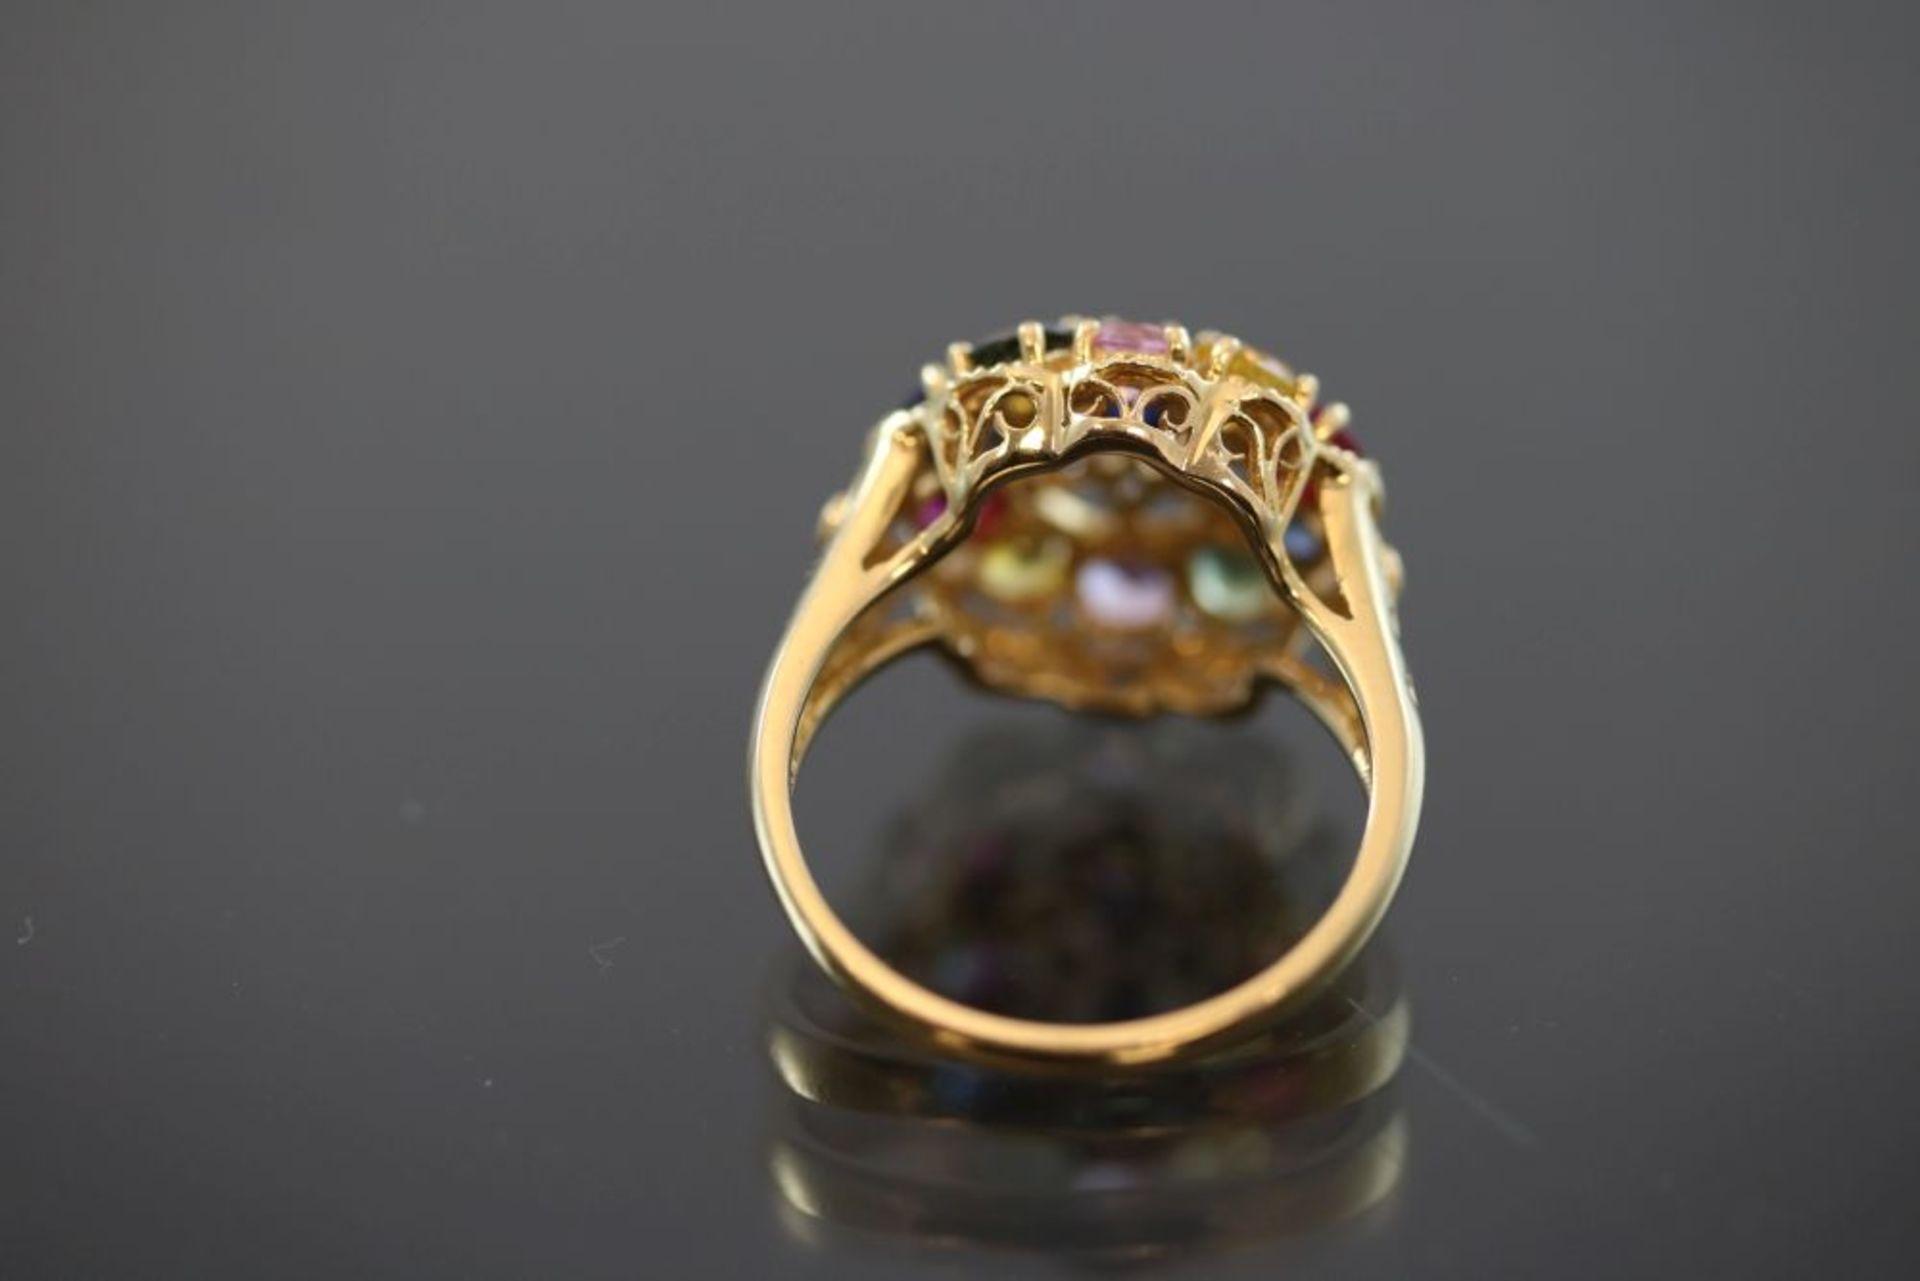 Edelstein-Ring, 750 Gold - Bild 3 aus 3